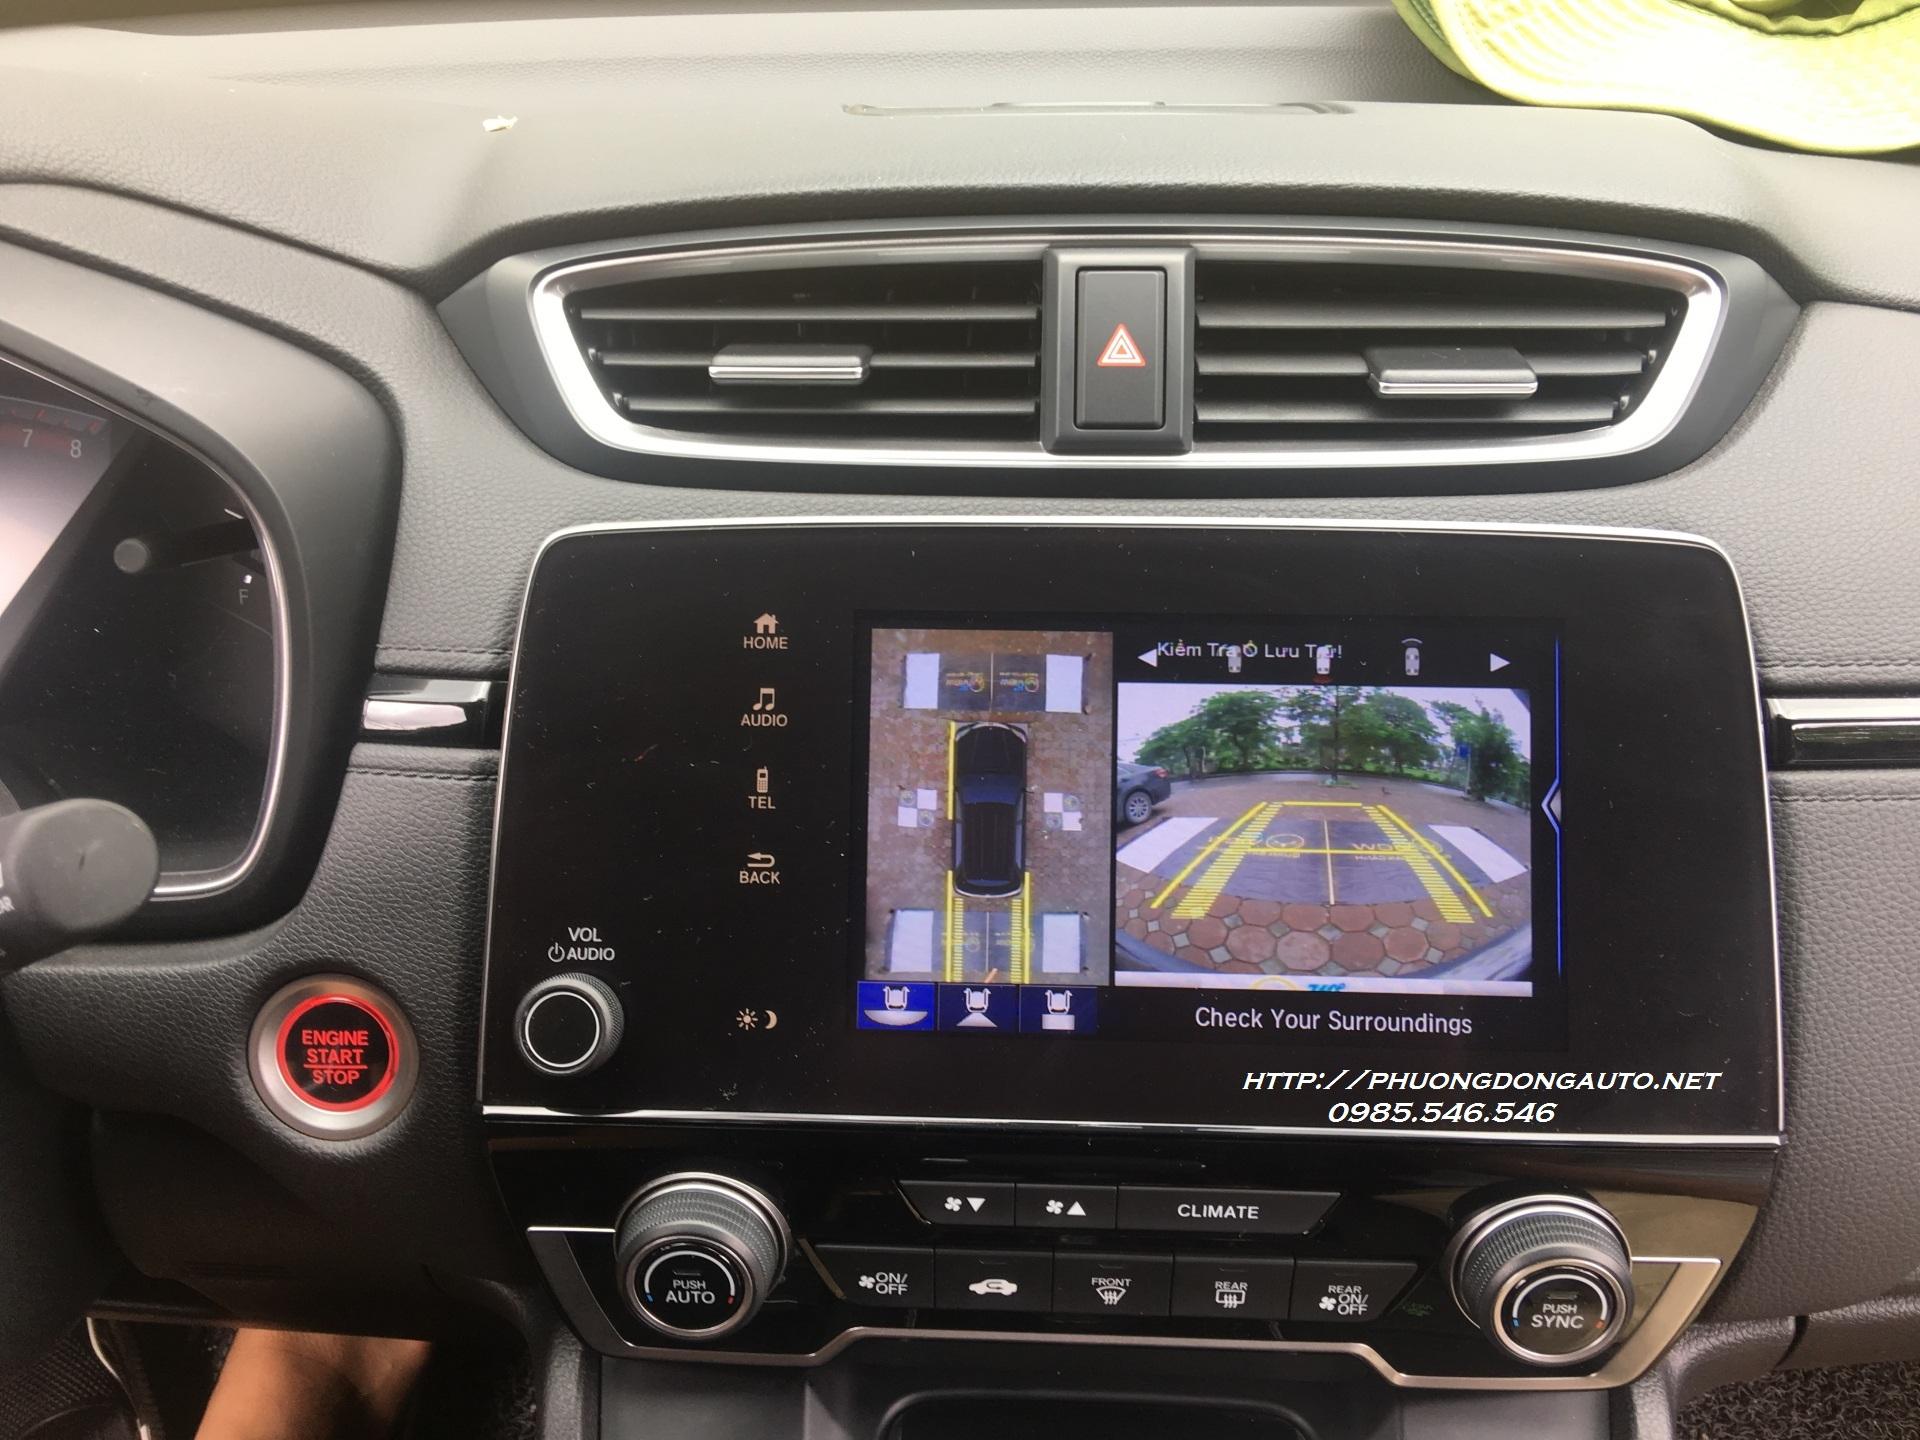 Camera 360 Oview pro cho HONDA CRV 2018 – Lắp đặt chuyên nghiệp